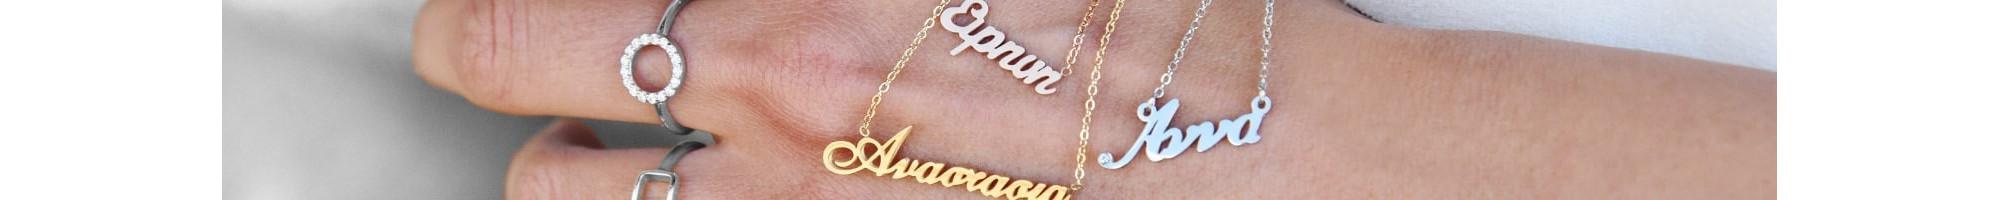 Griechische Namenskette | Kette mit griechischen Namen | BIJOU BOX